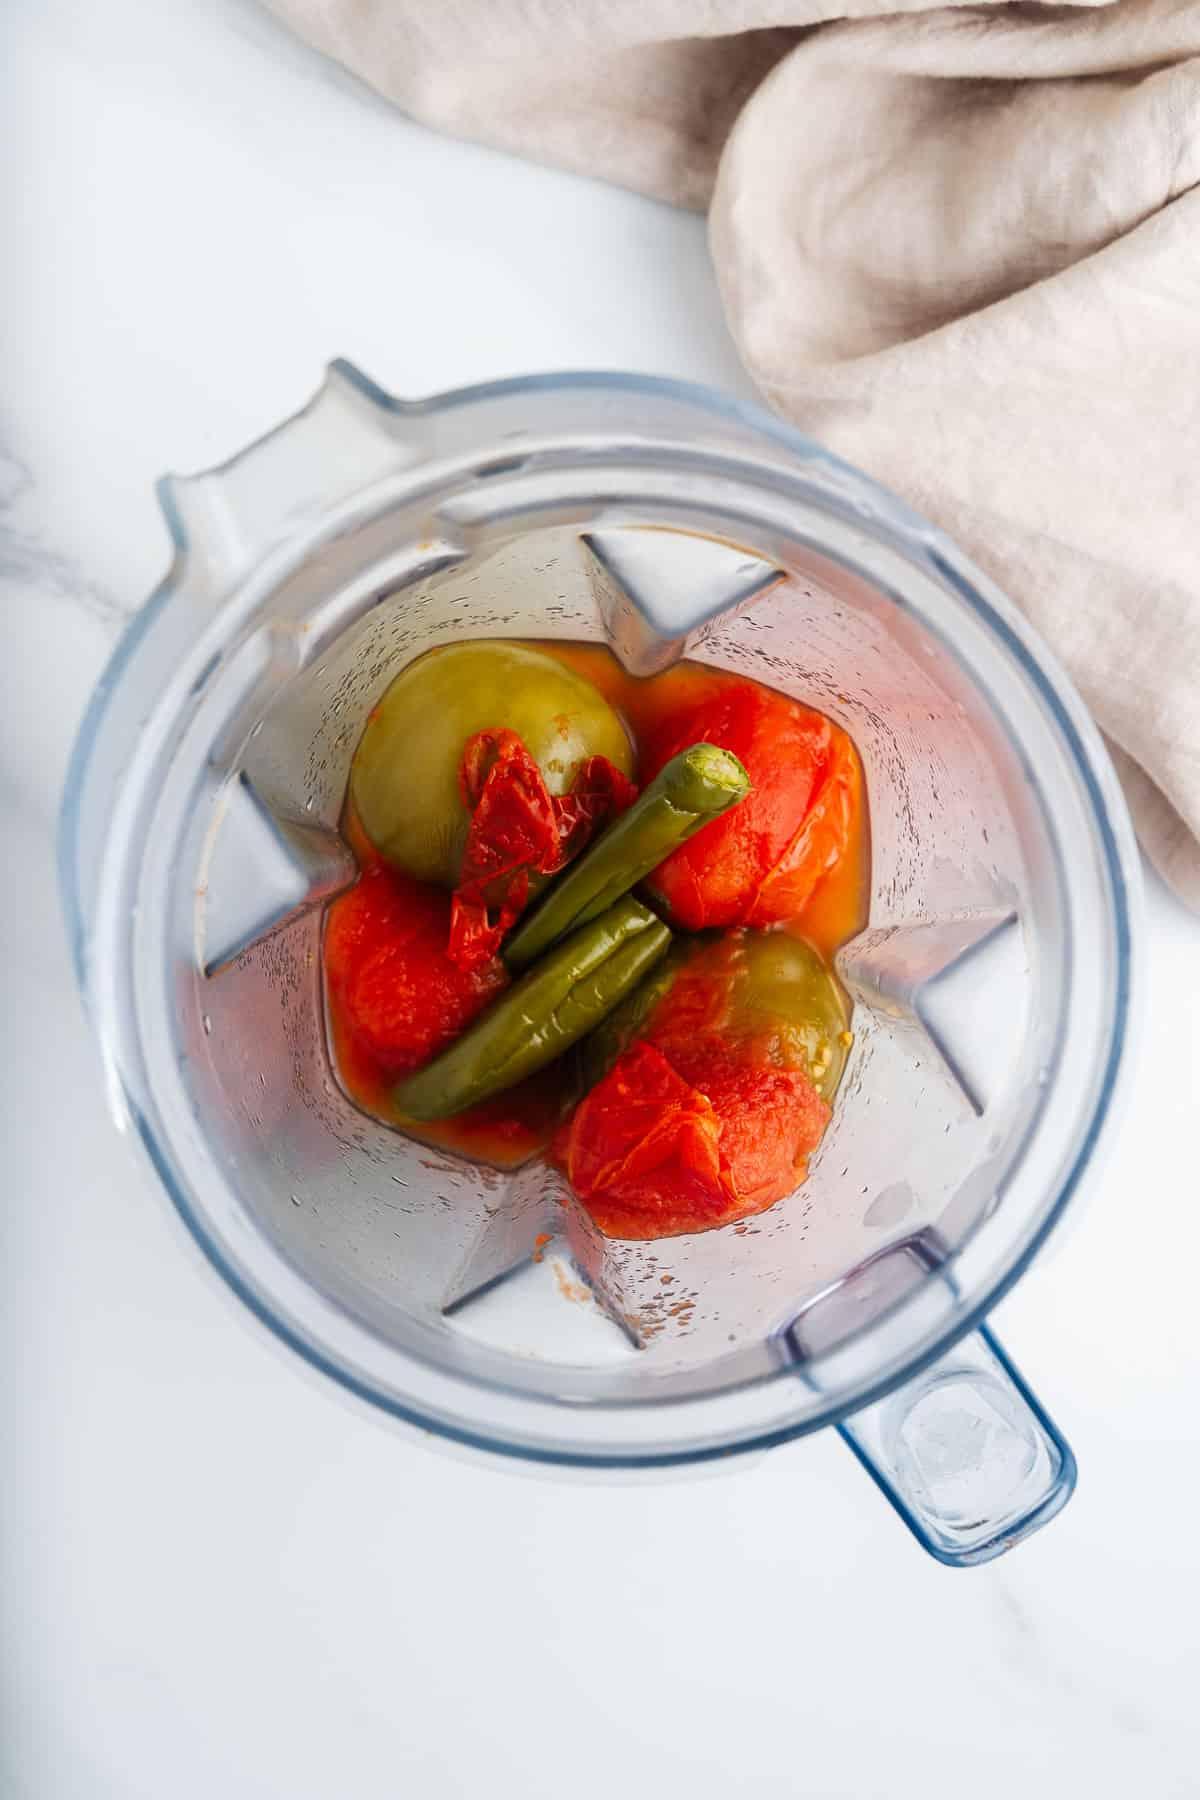 Cooked Vegetables in a Blender